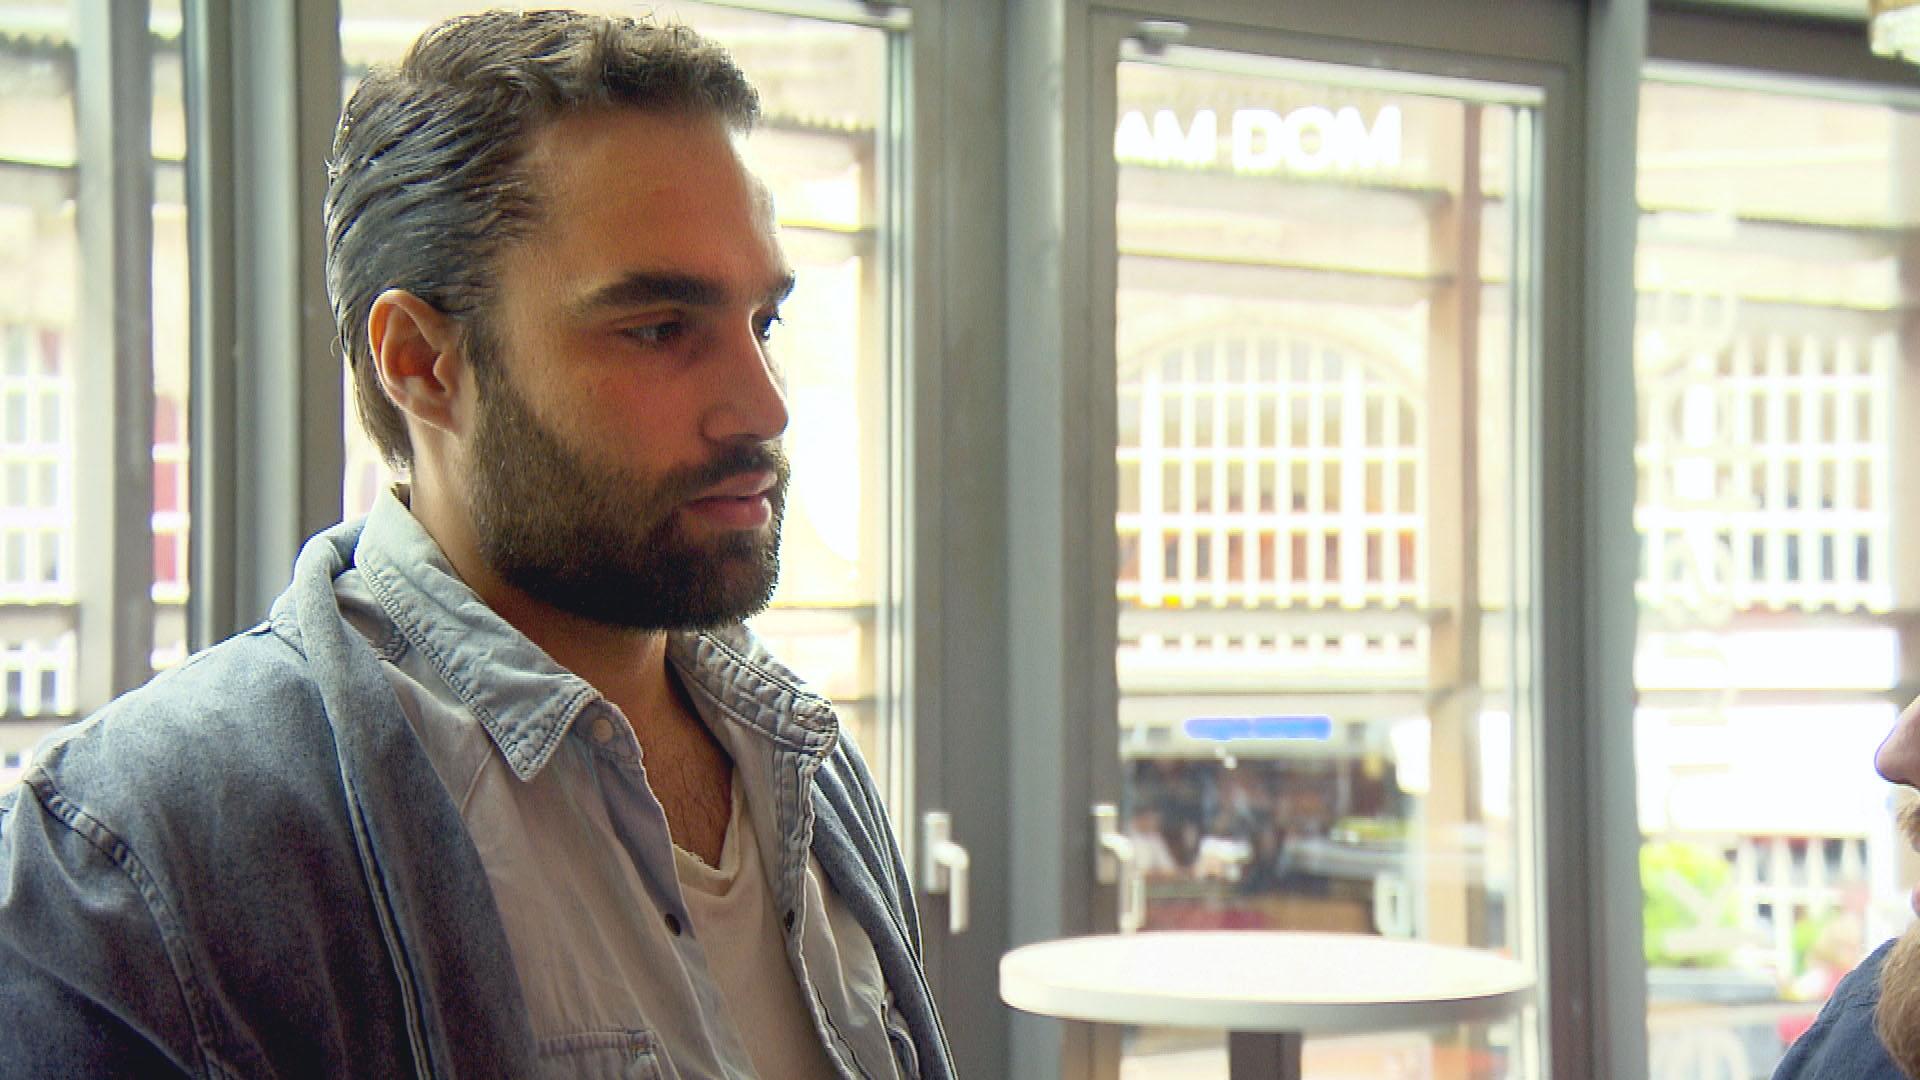 Diego ist vor den Kopf gestoßen, als er erfährt, dass die anderen nicht mit ihm in die neue WG ziehen werden. (Quelle: RTL 2)